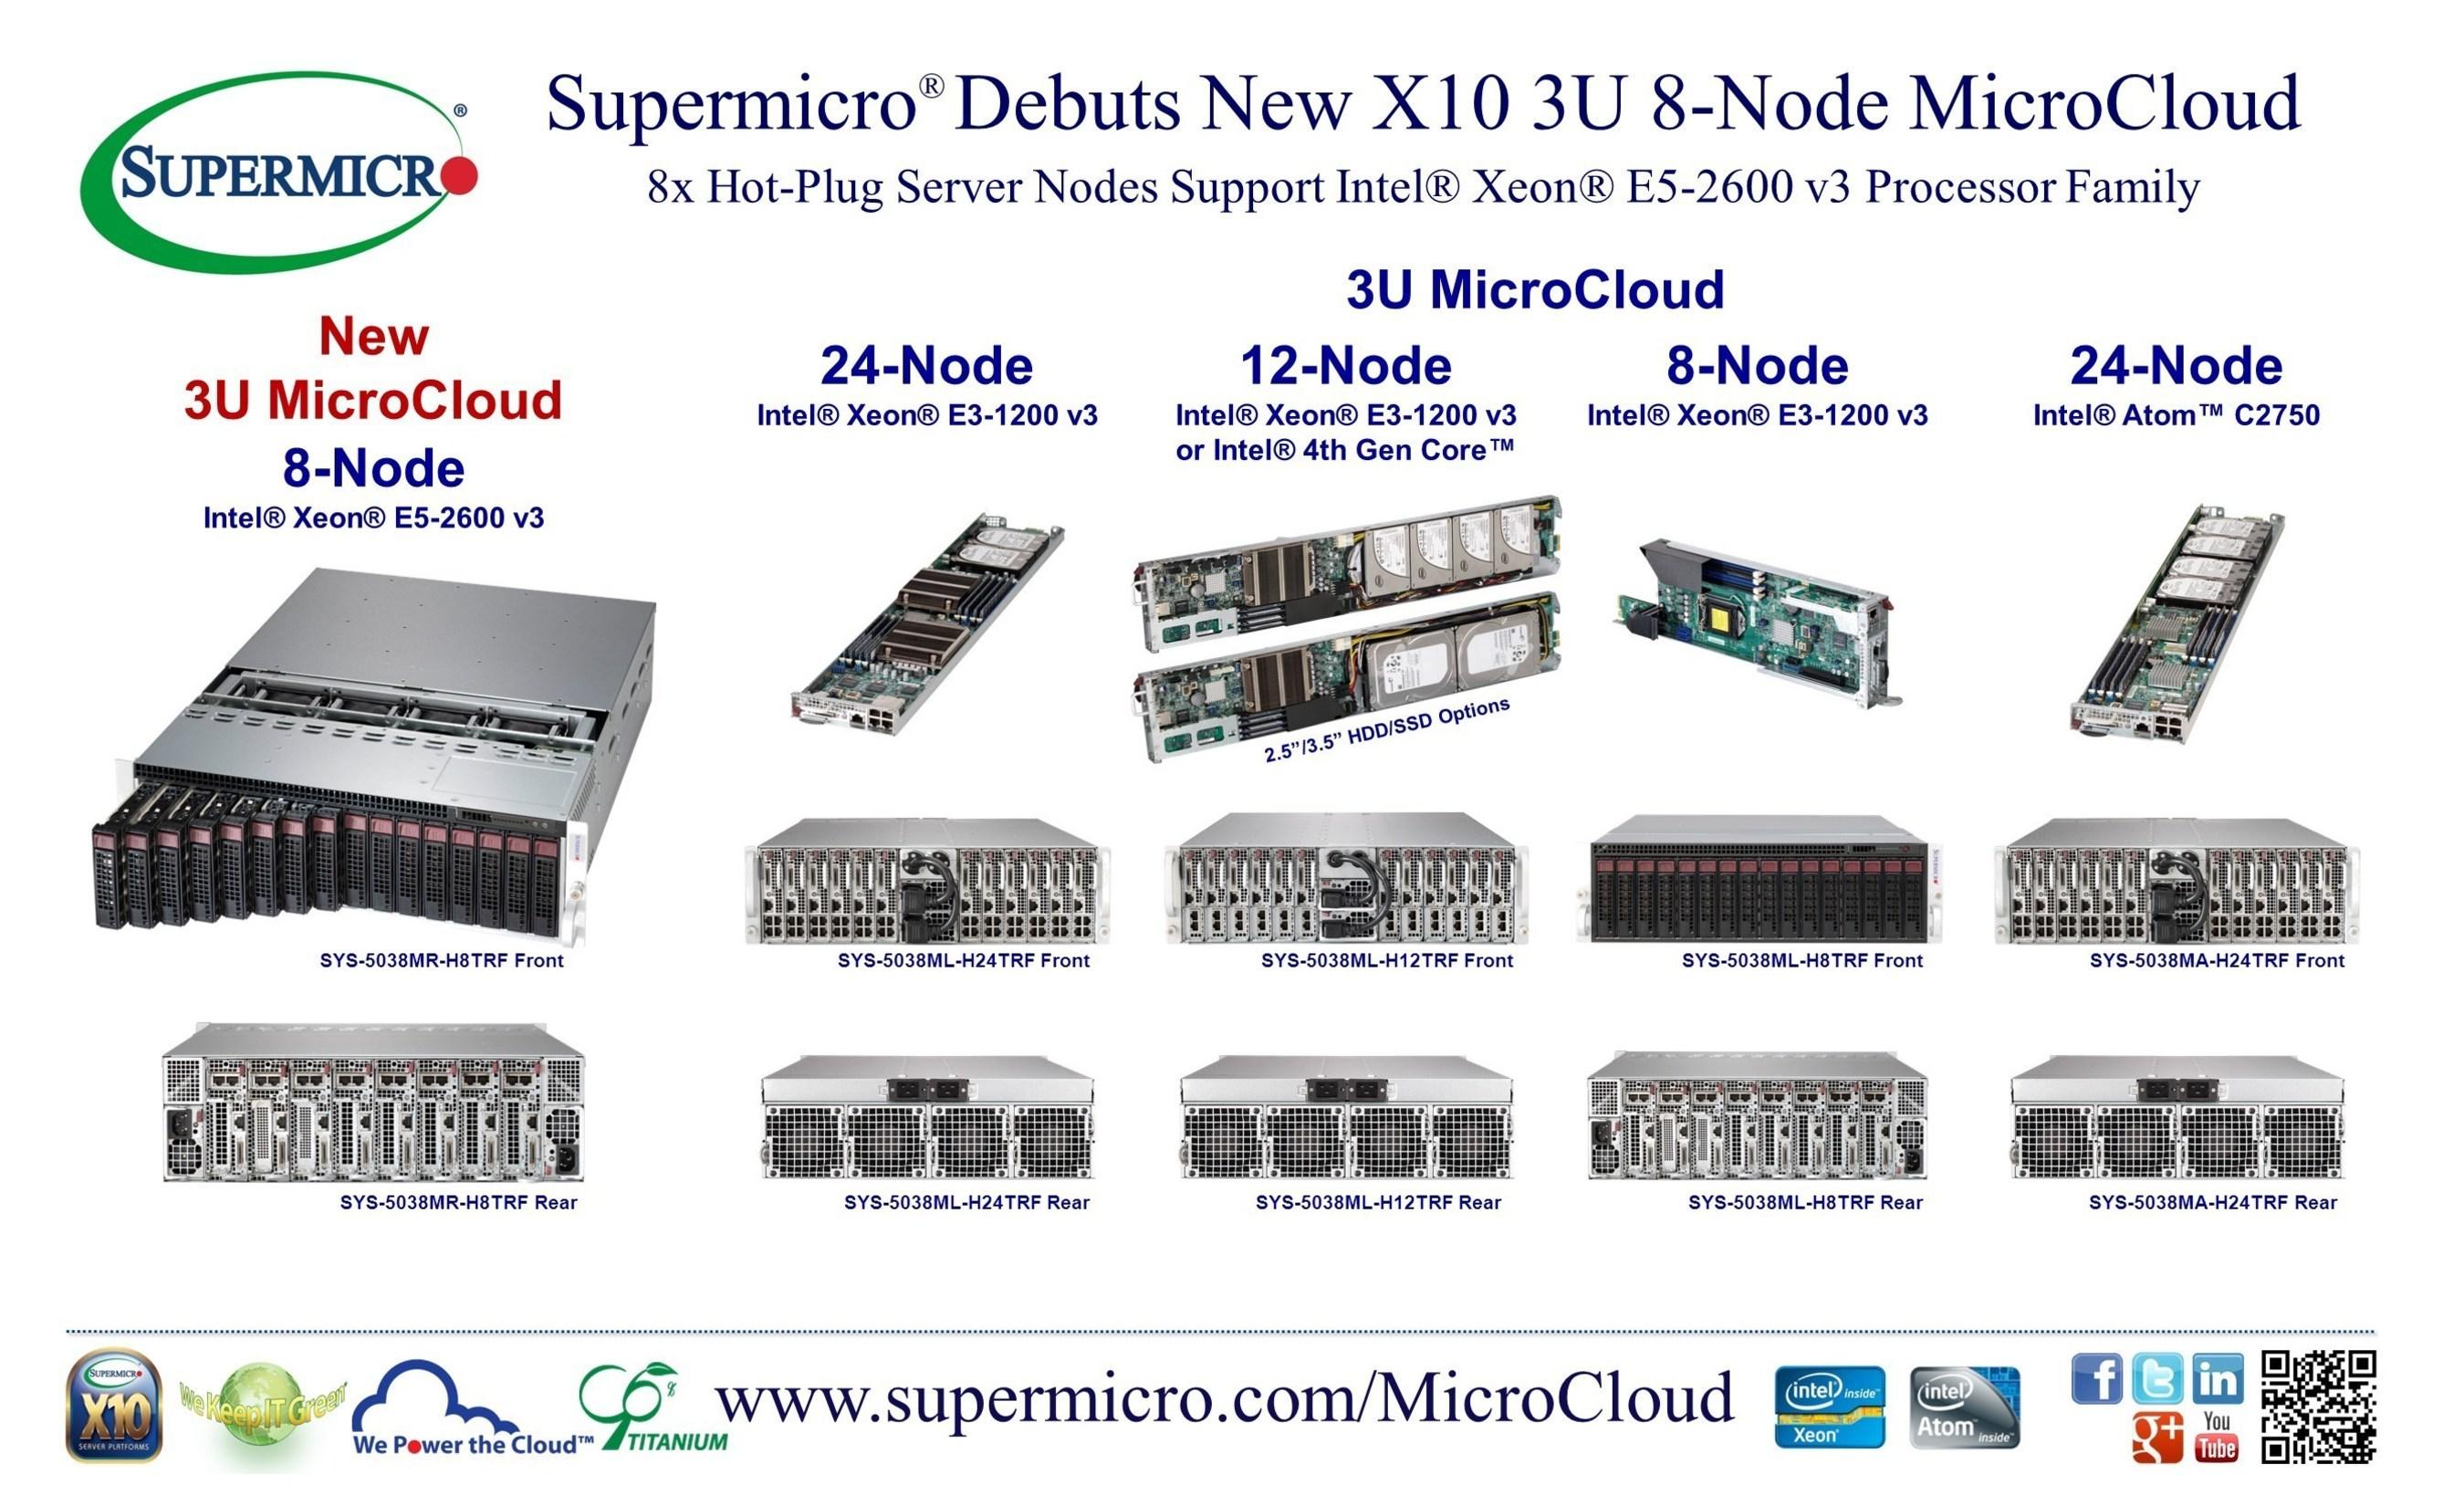 Supermicro® bringt neue MicroCloud-Lösung X10 3U mit 8 Hot-Plug-Server-Nodes und Unterstützung der